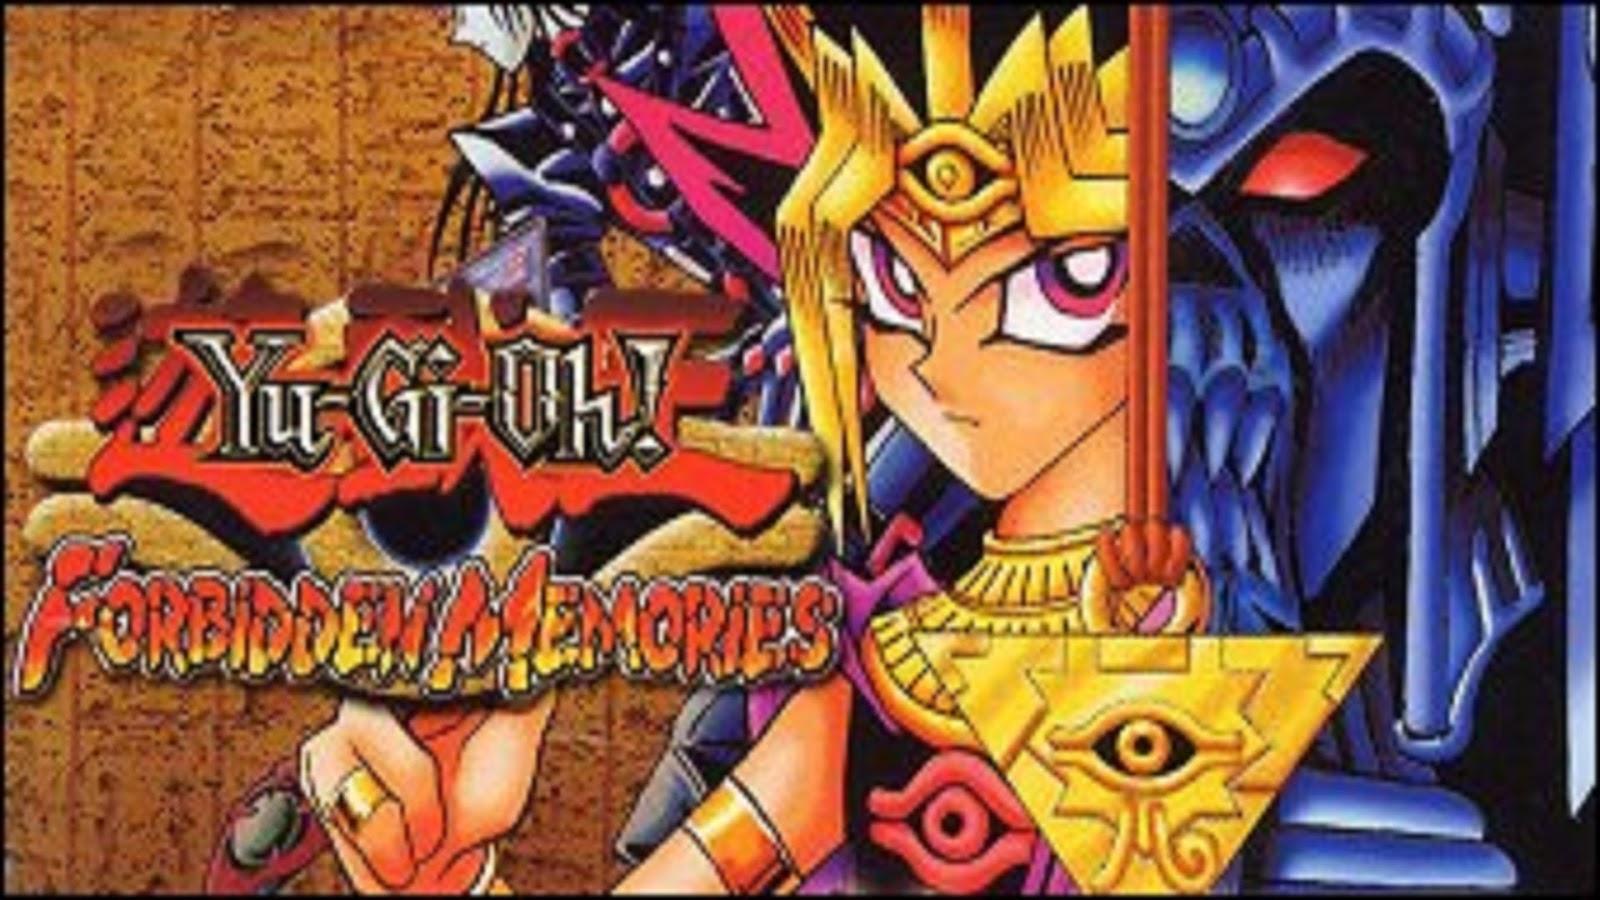 duplicar cartas en yu-gi-oh! forbidden memories psx - megaldo